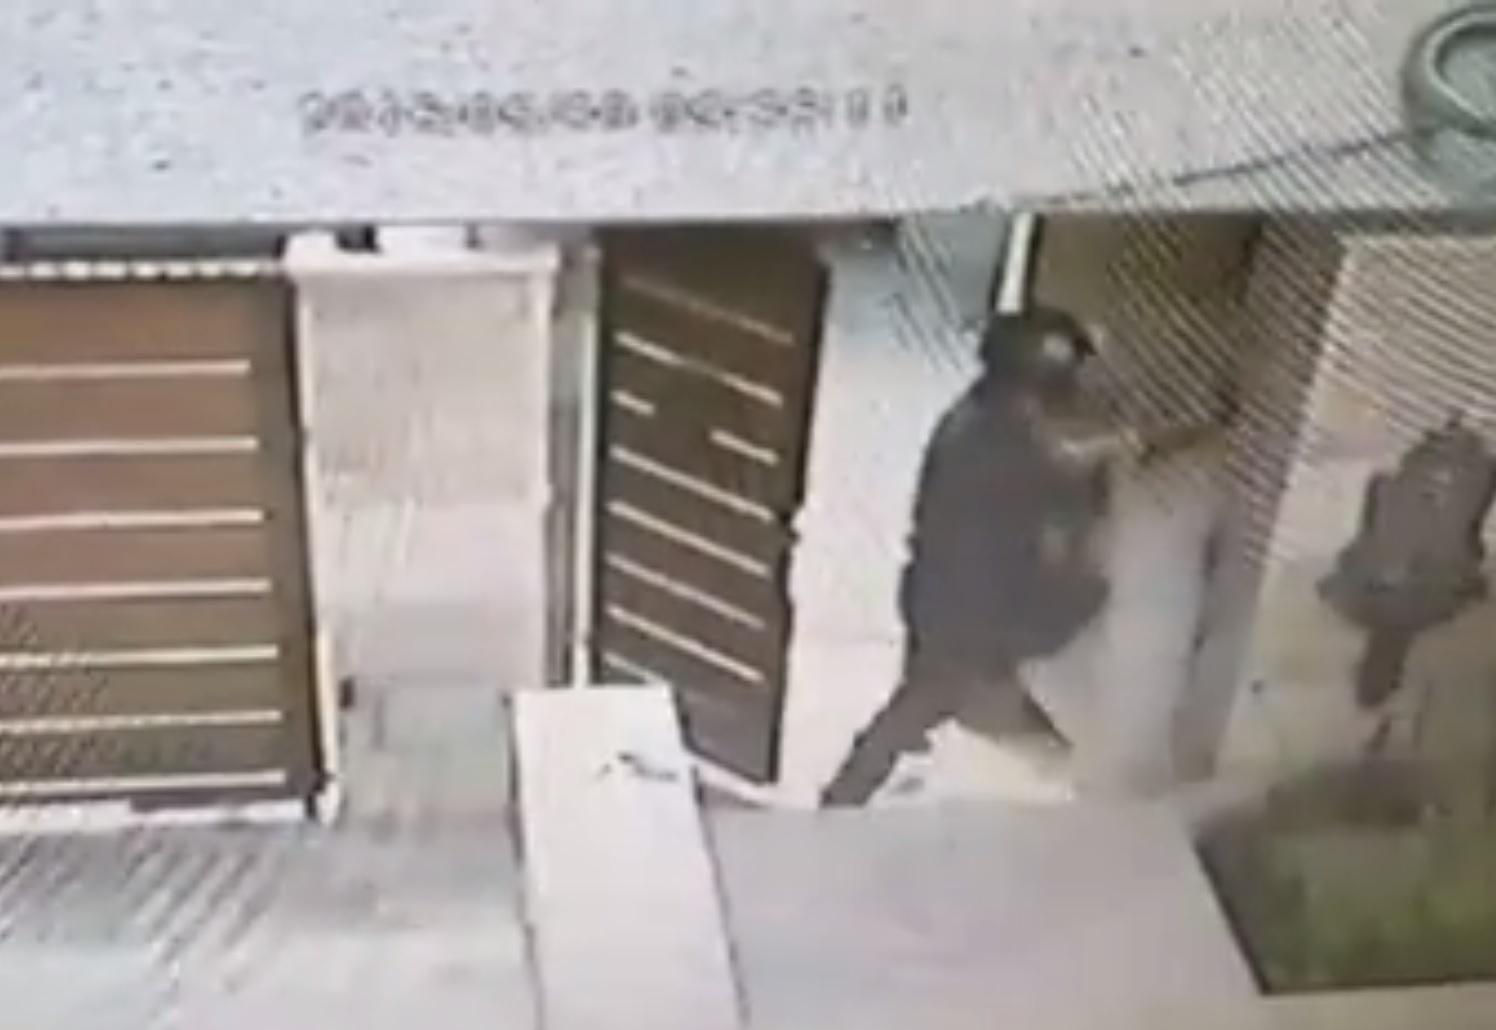 Becsöngetett, hogy csomagot hozott, és amikor a nő kinyitotta az ajtót, megpróbálta megfojtani